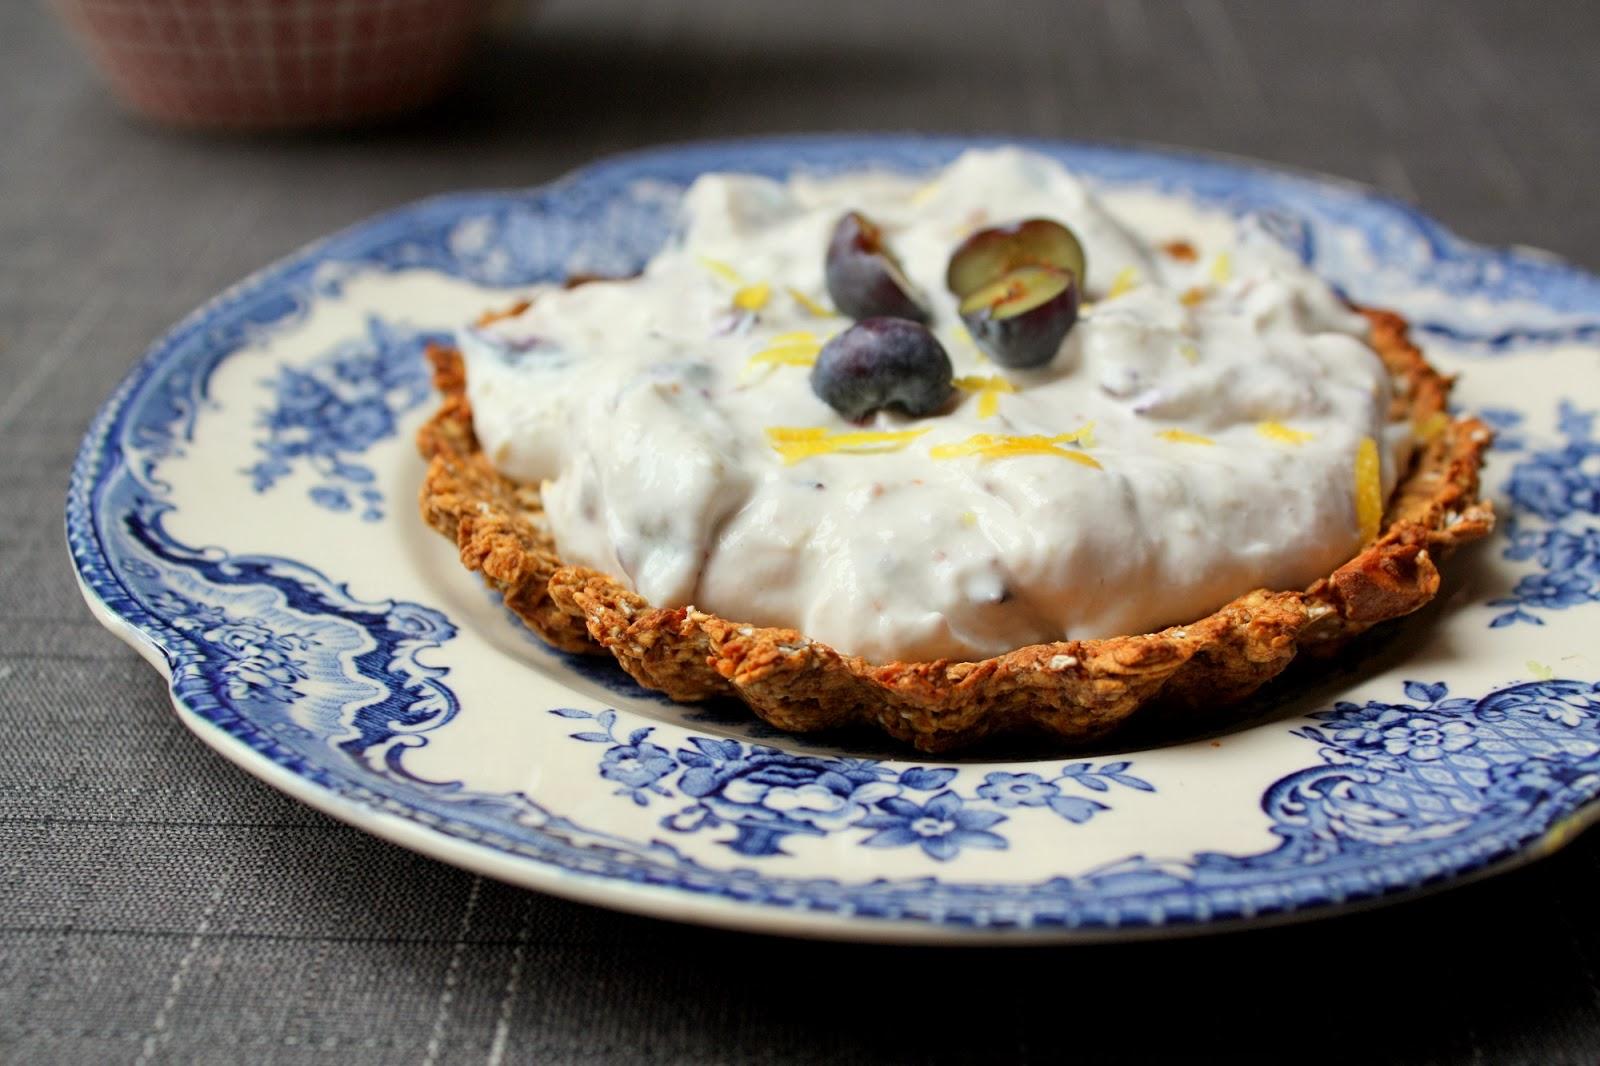 Madlaboratoriet: Små morgenmads-lakridstærter med yoghurt- og blåbærfyld